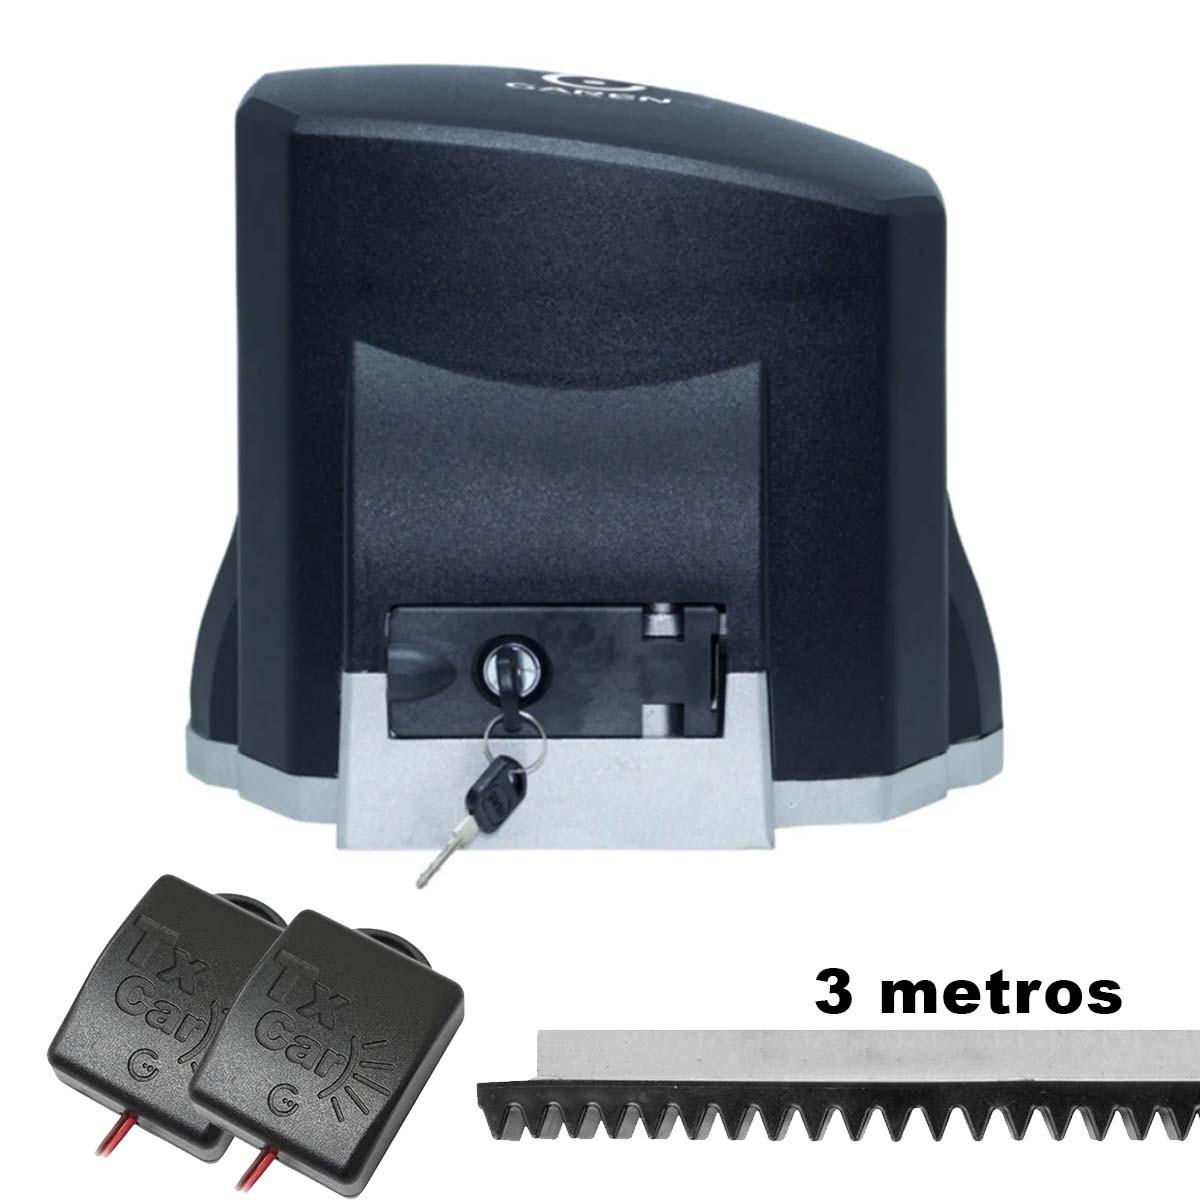 MOTOR DESLIZANTE GAREN 1/3 SPEED 110V + 3 METROS CREMALHEIRA + 02 TX CAR